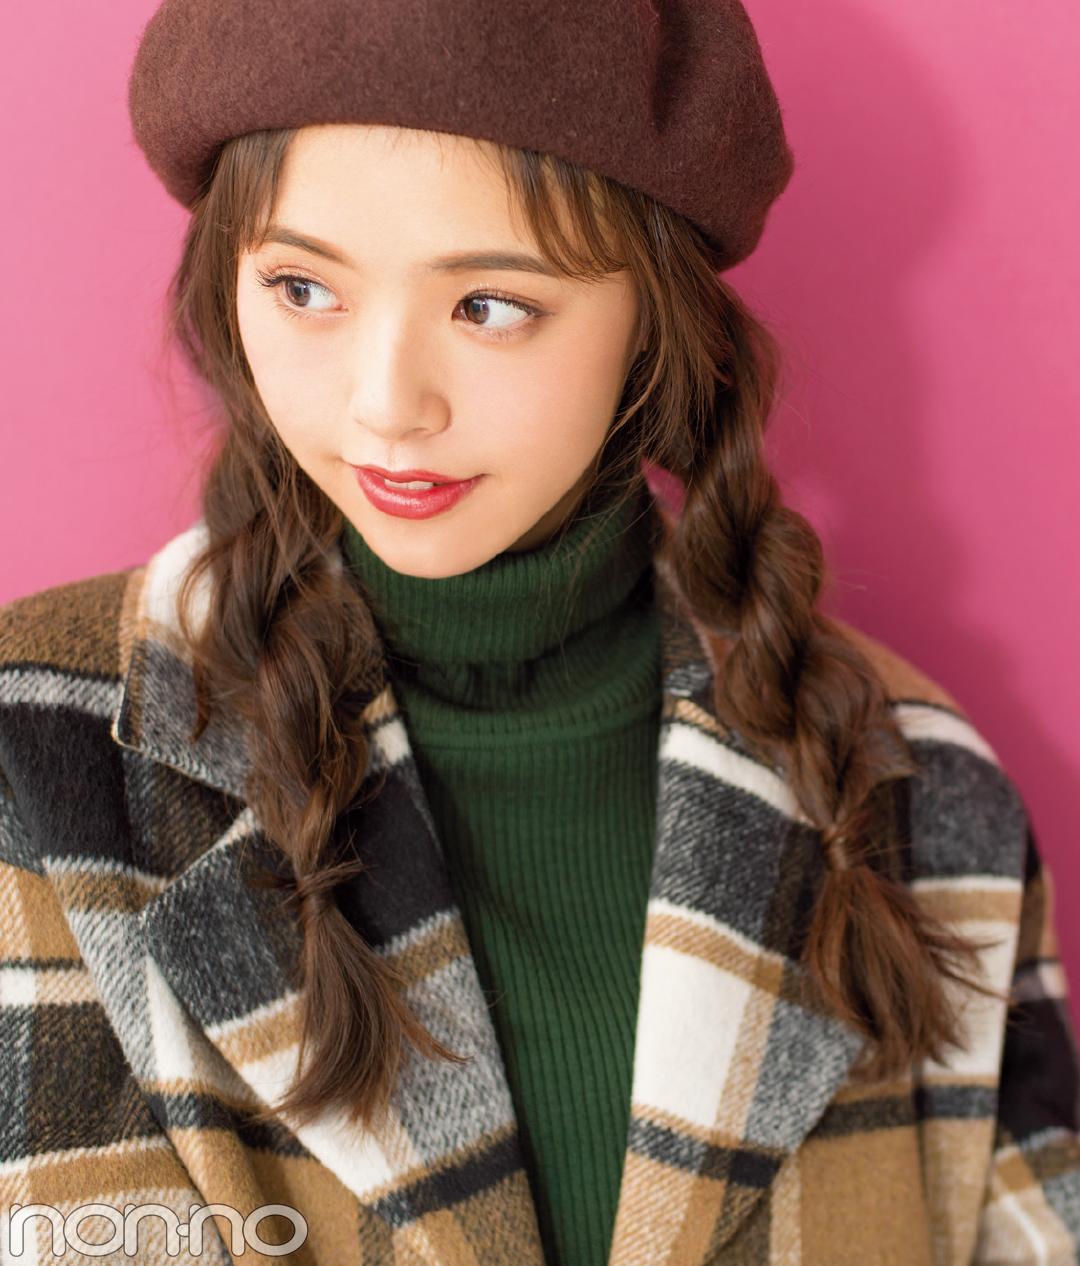 クリスマスのイルミネーションデート♡ ロングはベレー&ヘアアレンジで!_1_1